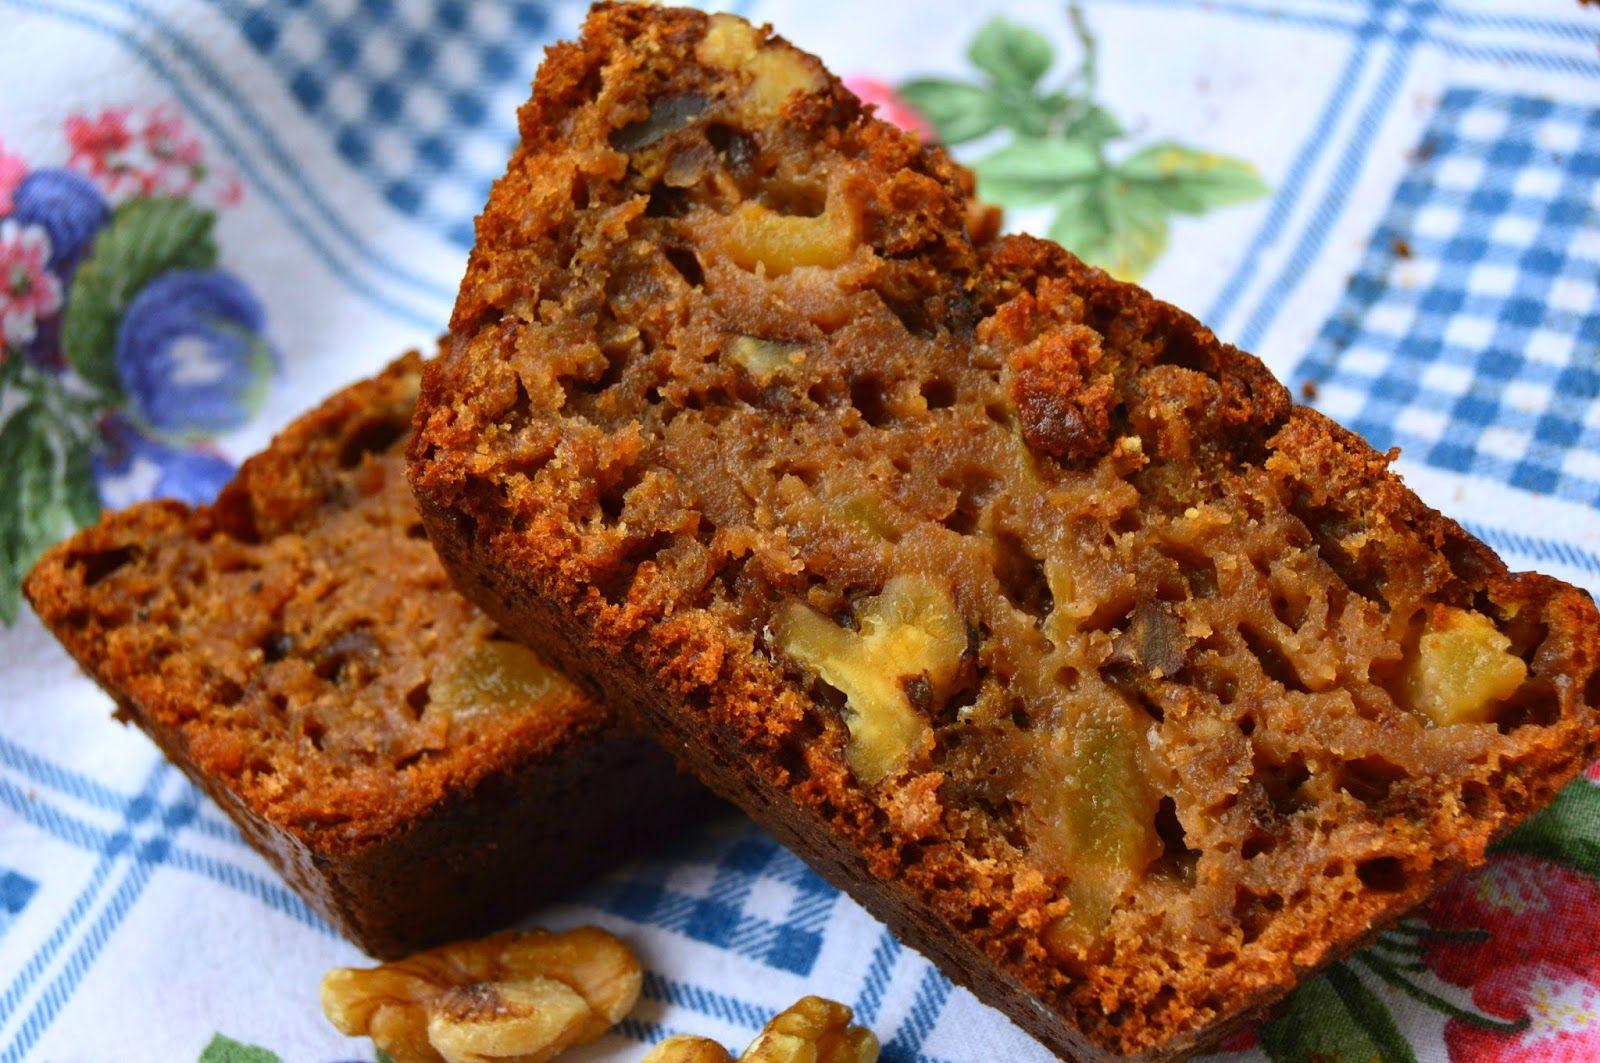 Pasión y Tentación: Bizcocho integral de manzana y nueces | Postres  saludables, Recetas con harina integral, Recetas de comida fáciles